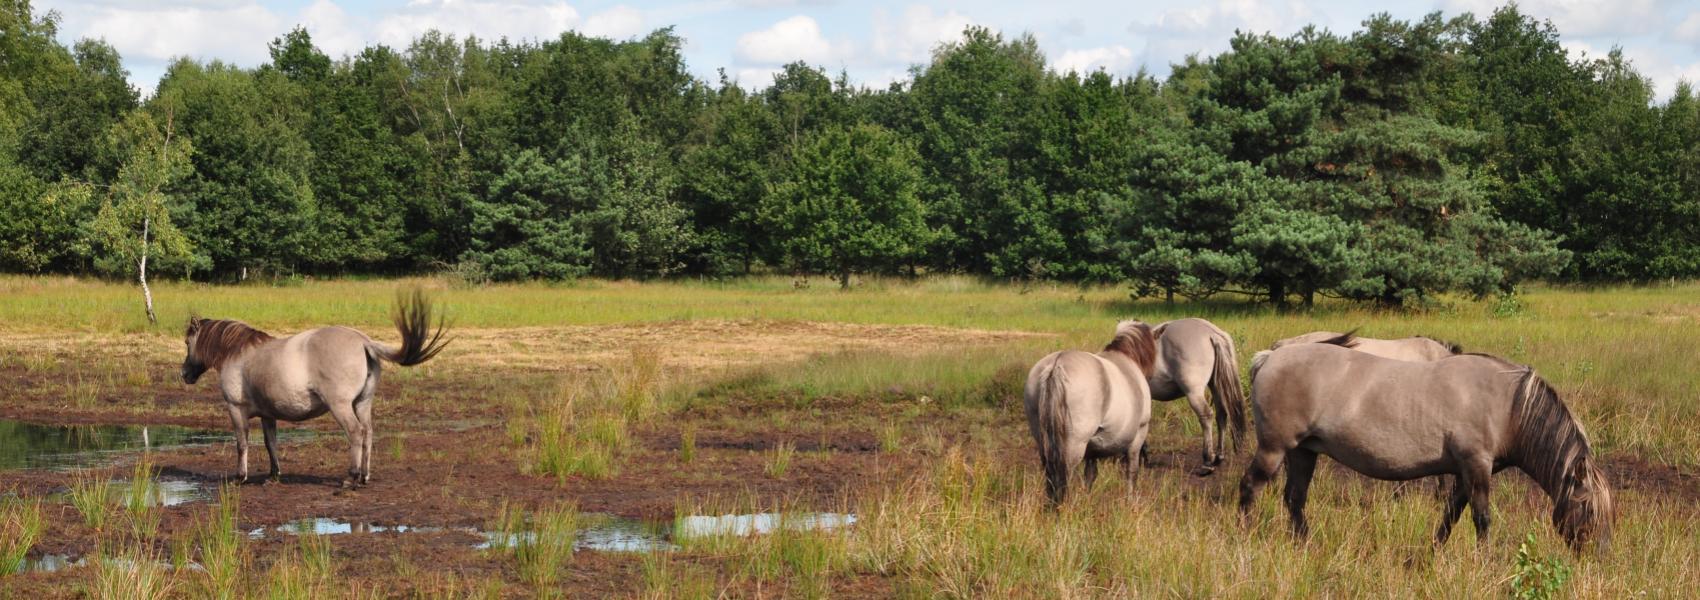 konikpaarden in Abtsheide